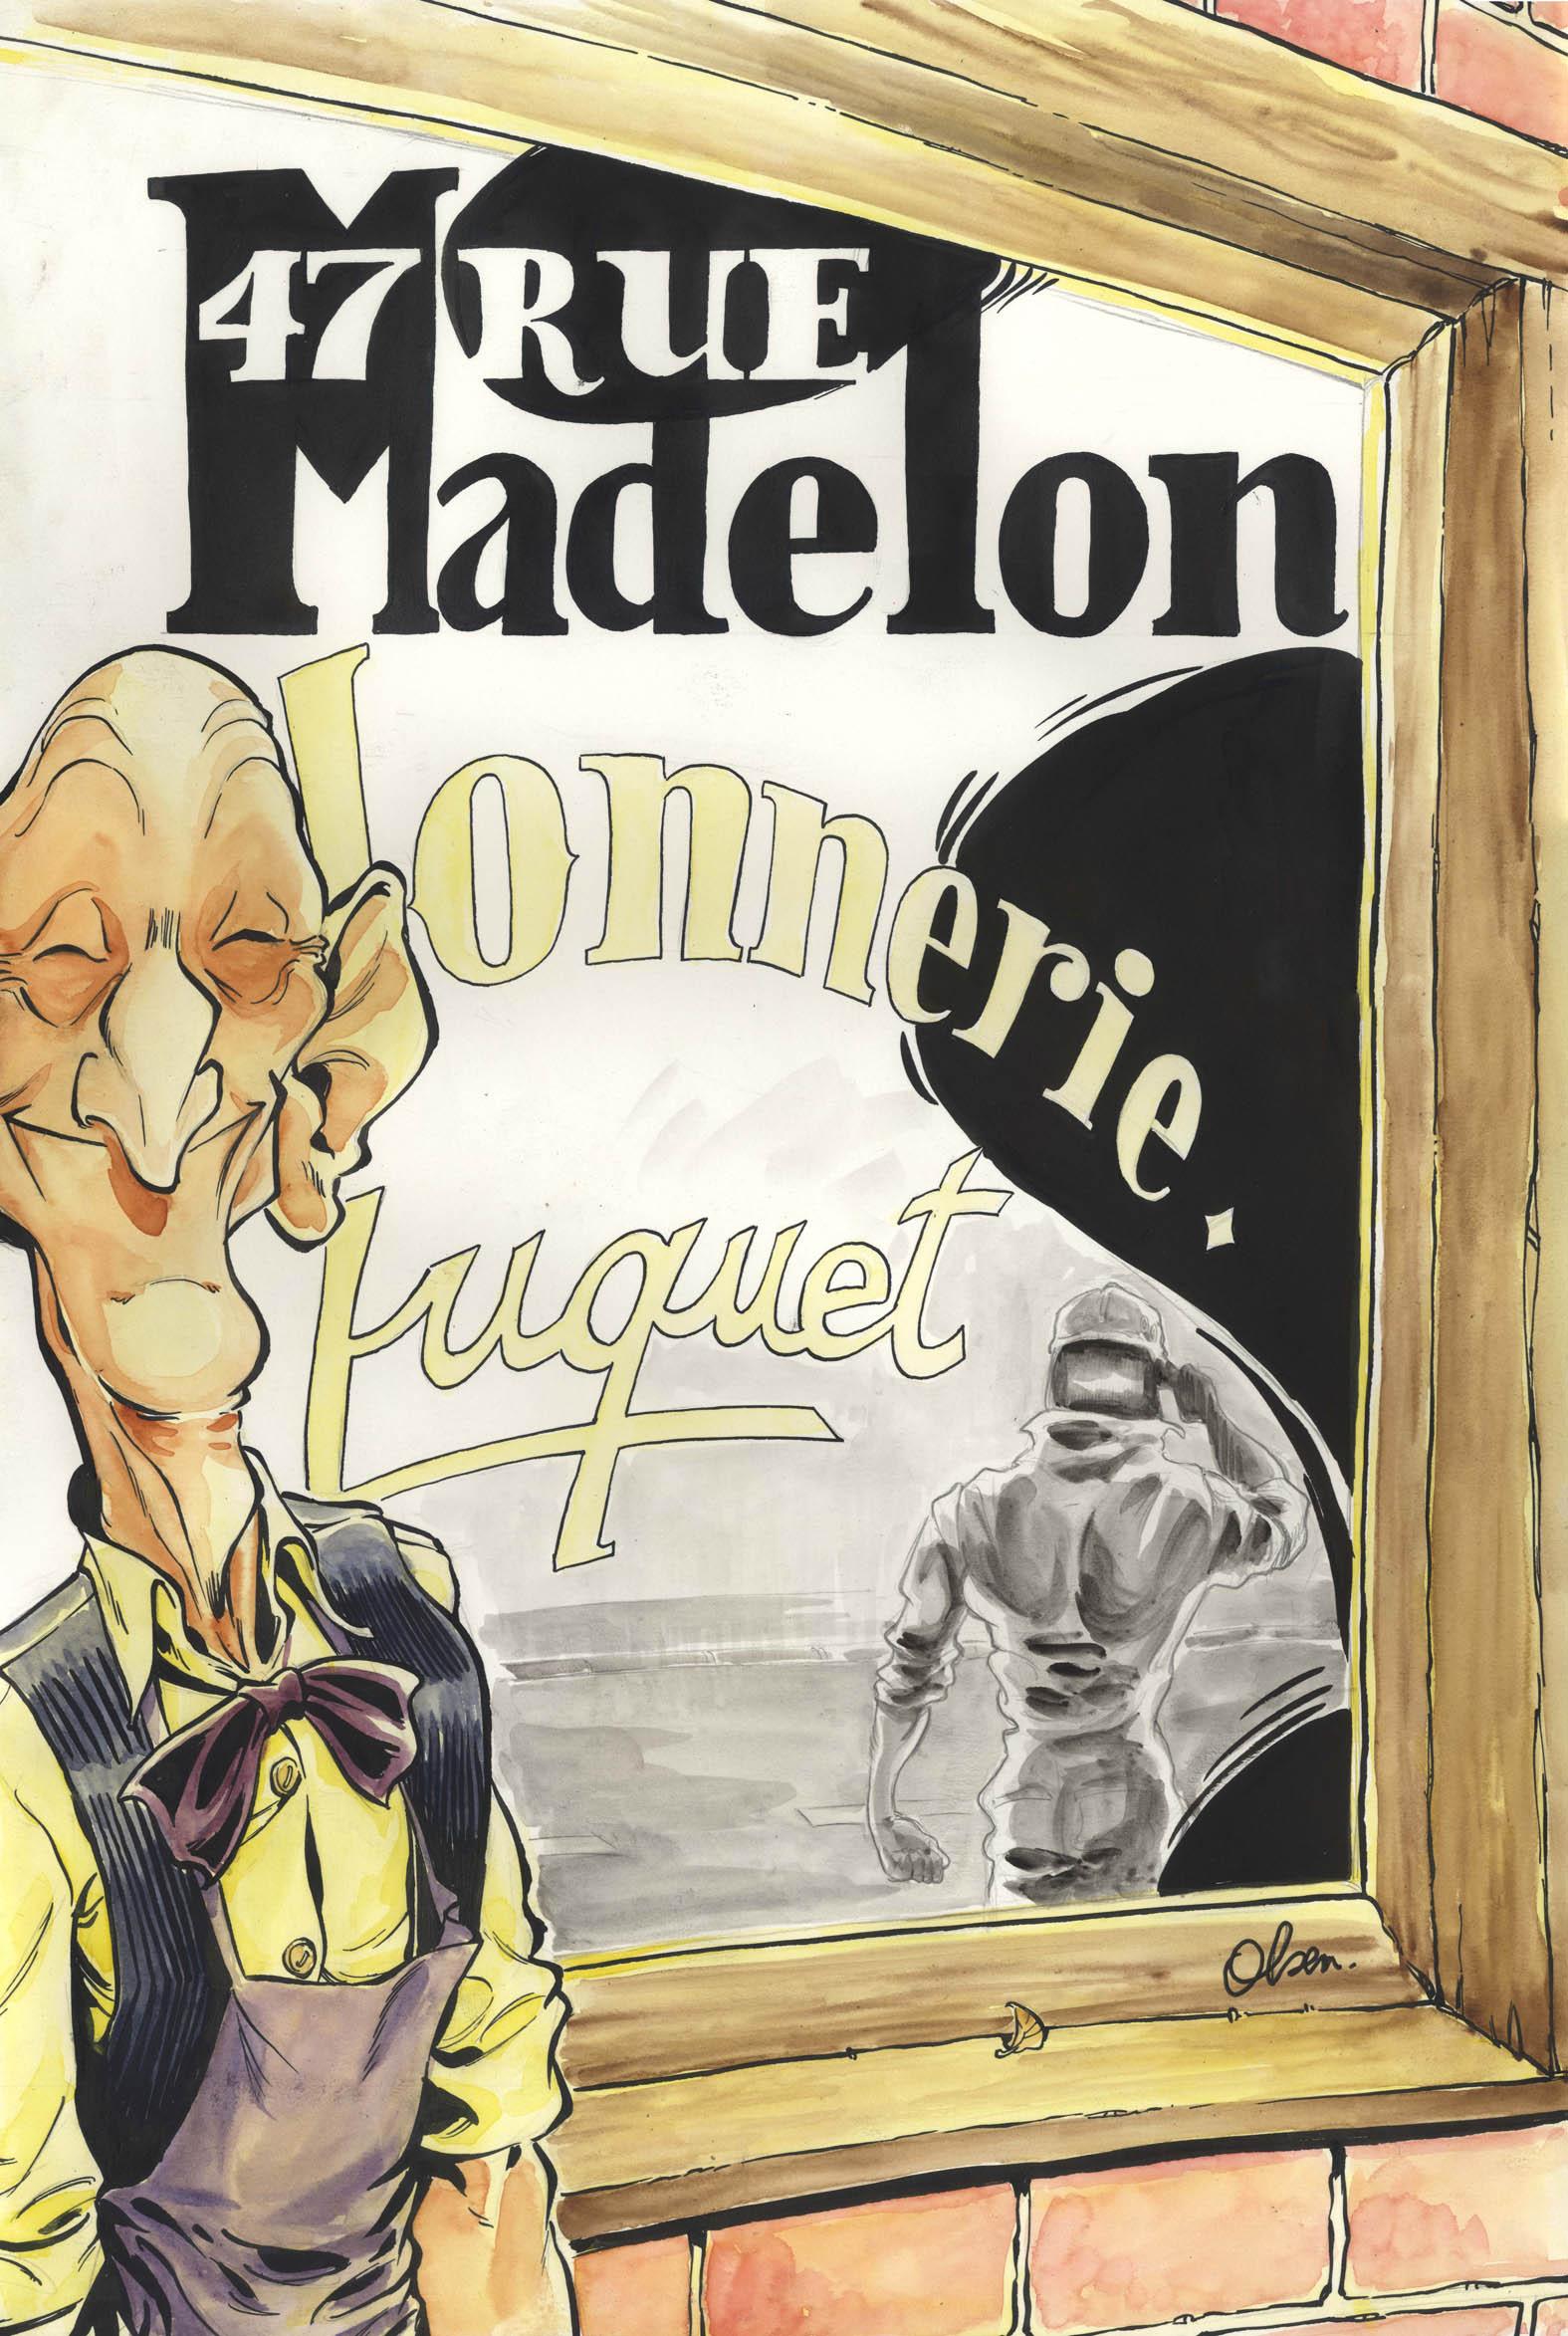 47, RUE MADELON Couv